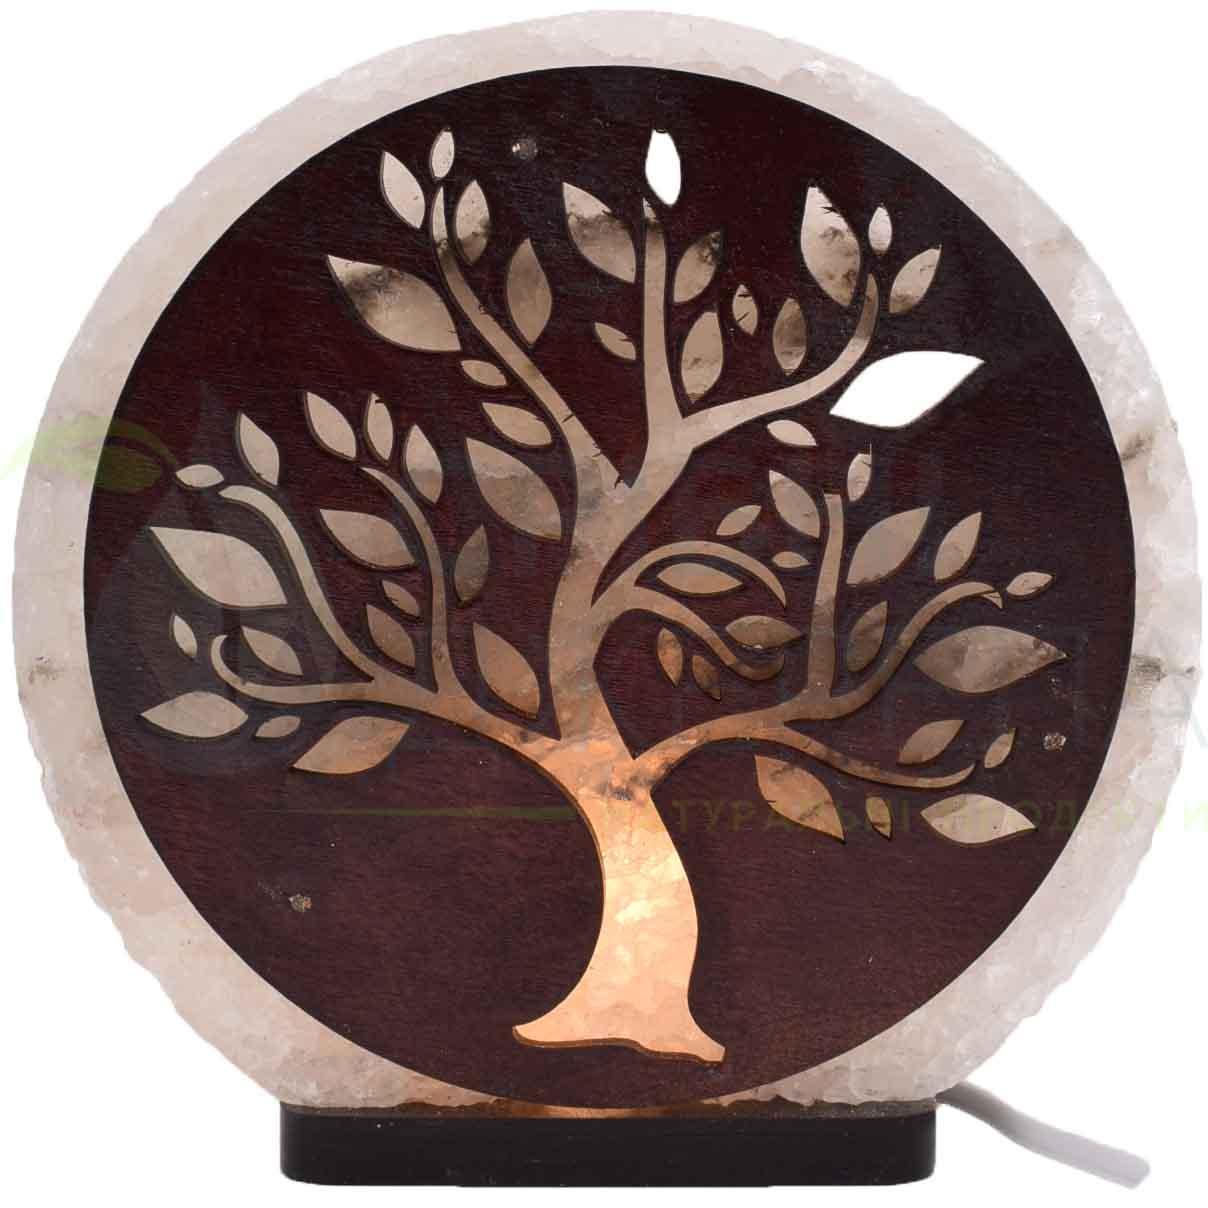 Соляная лампа Дерево №2, 3-4 кг